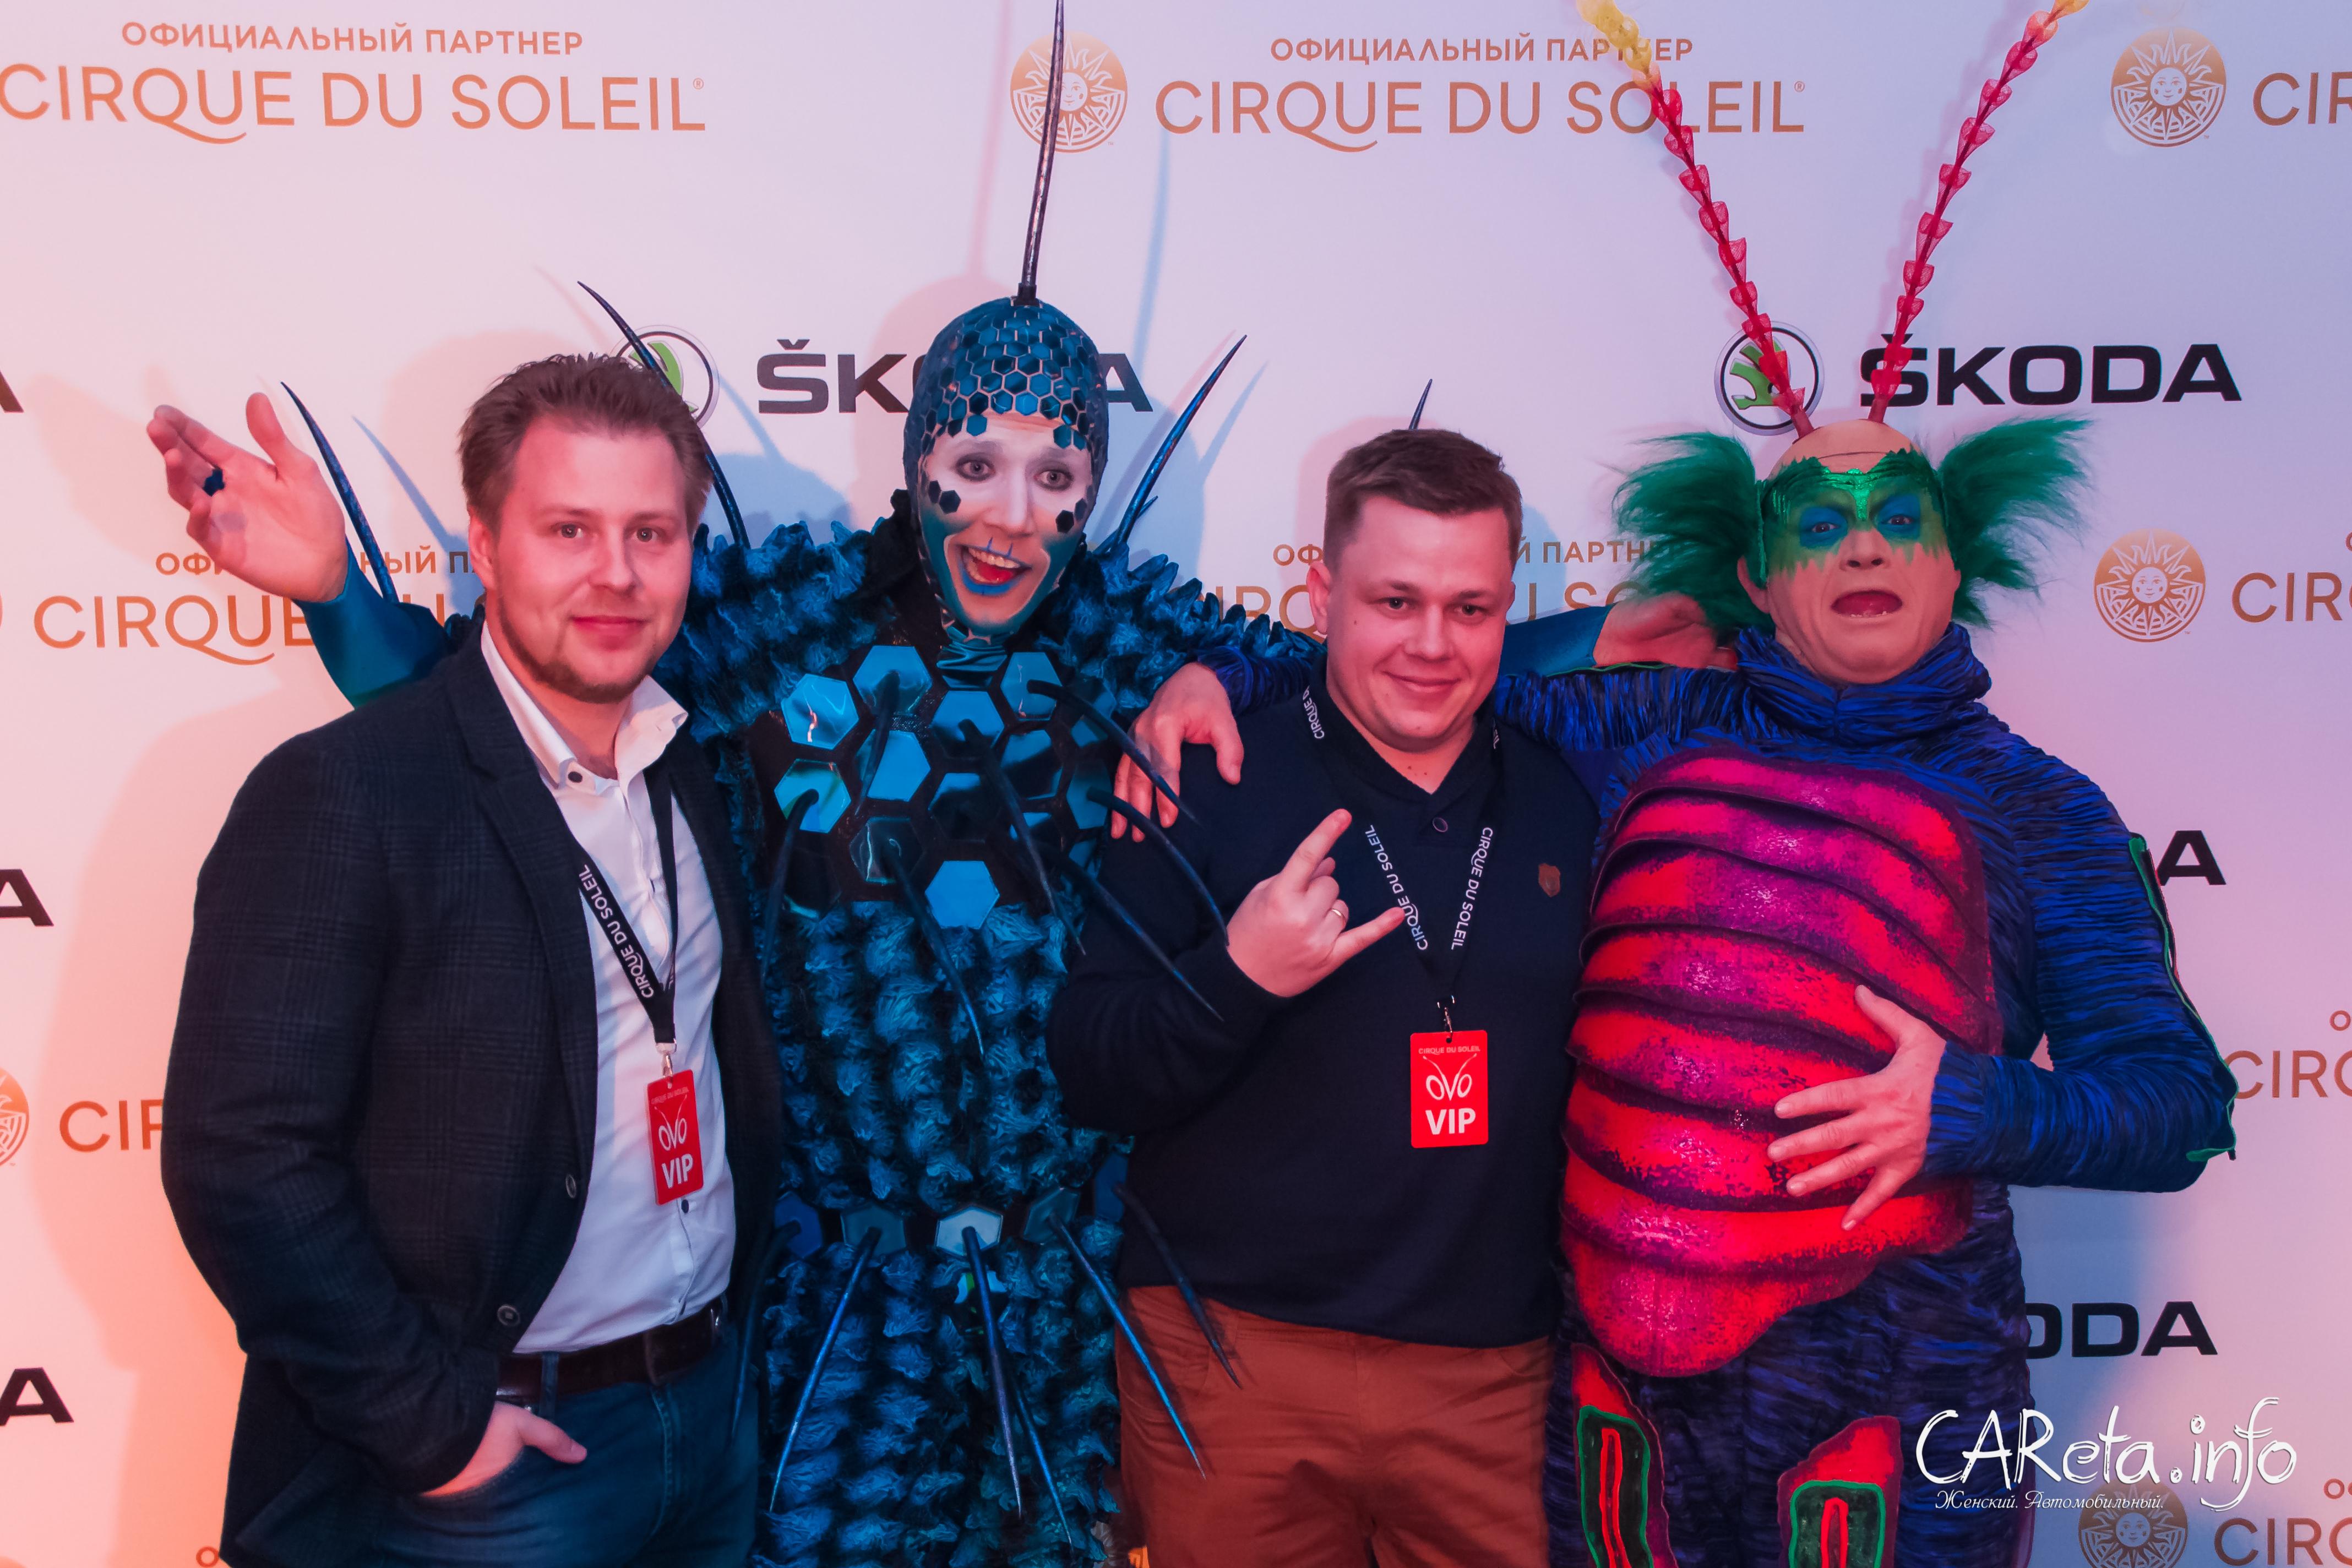 Skoda представила Kodiaq российской сборки и новое шоу цирка Дю Солей